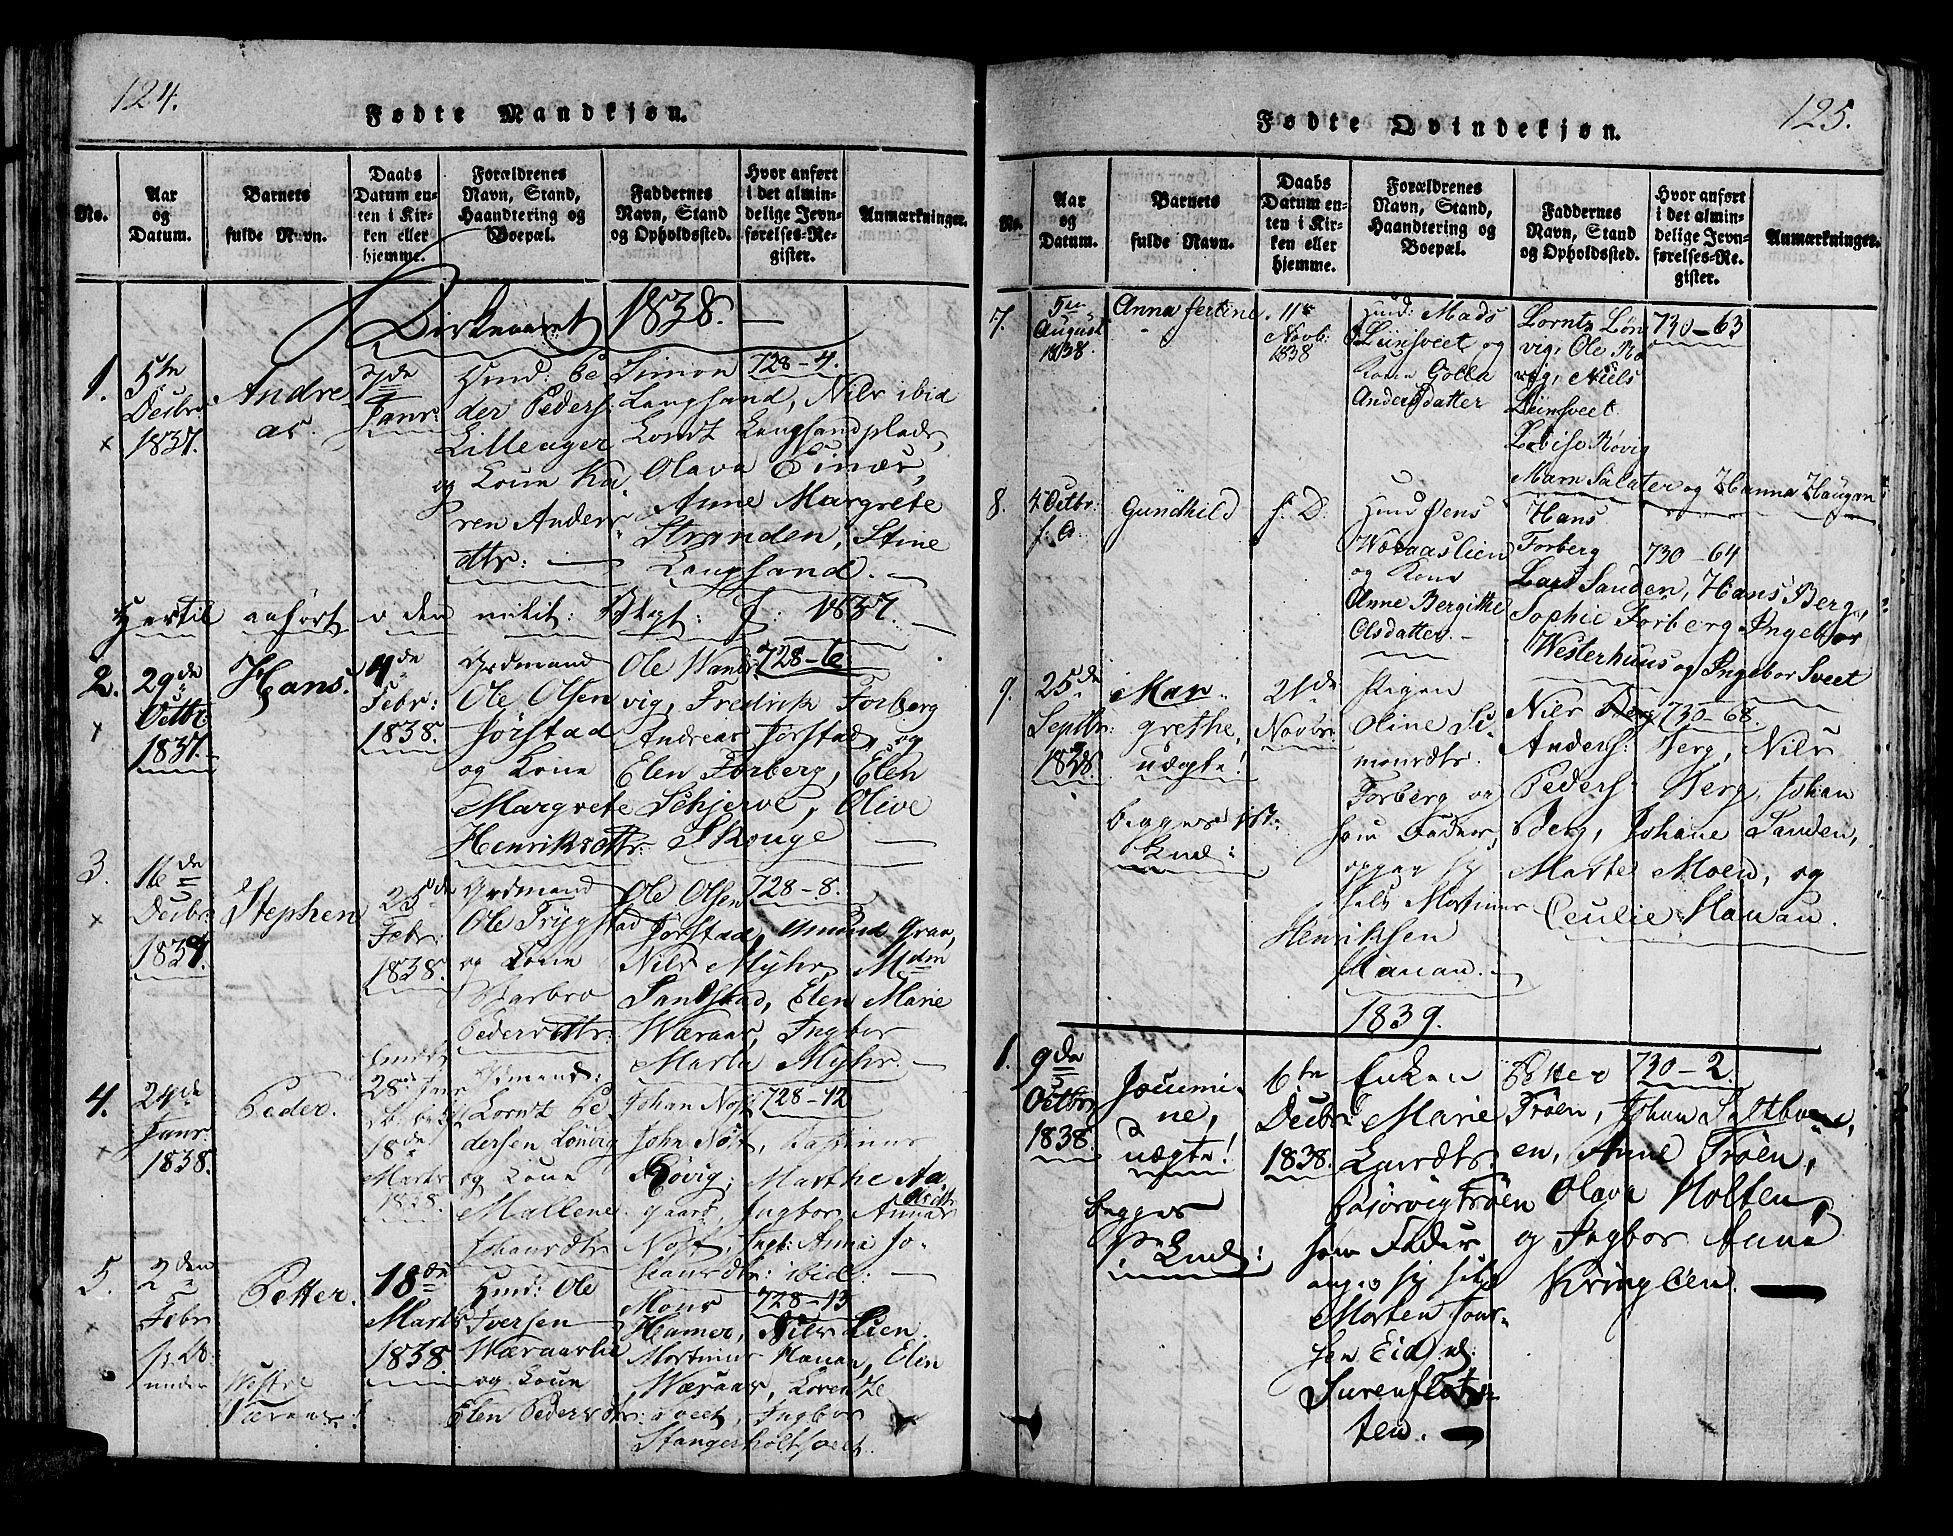 SAT, Ministerialprotokoller, klokkerbøker og fødselsregistre - Nord-Trøndelag, 722/L0217: Ministerialbok nr. 722A04, 1817-1842, s. 124-125